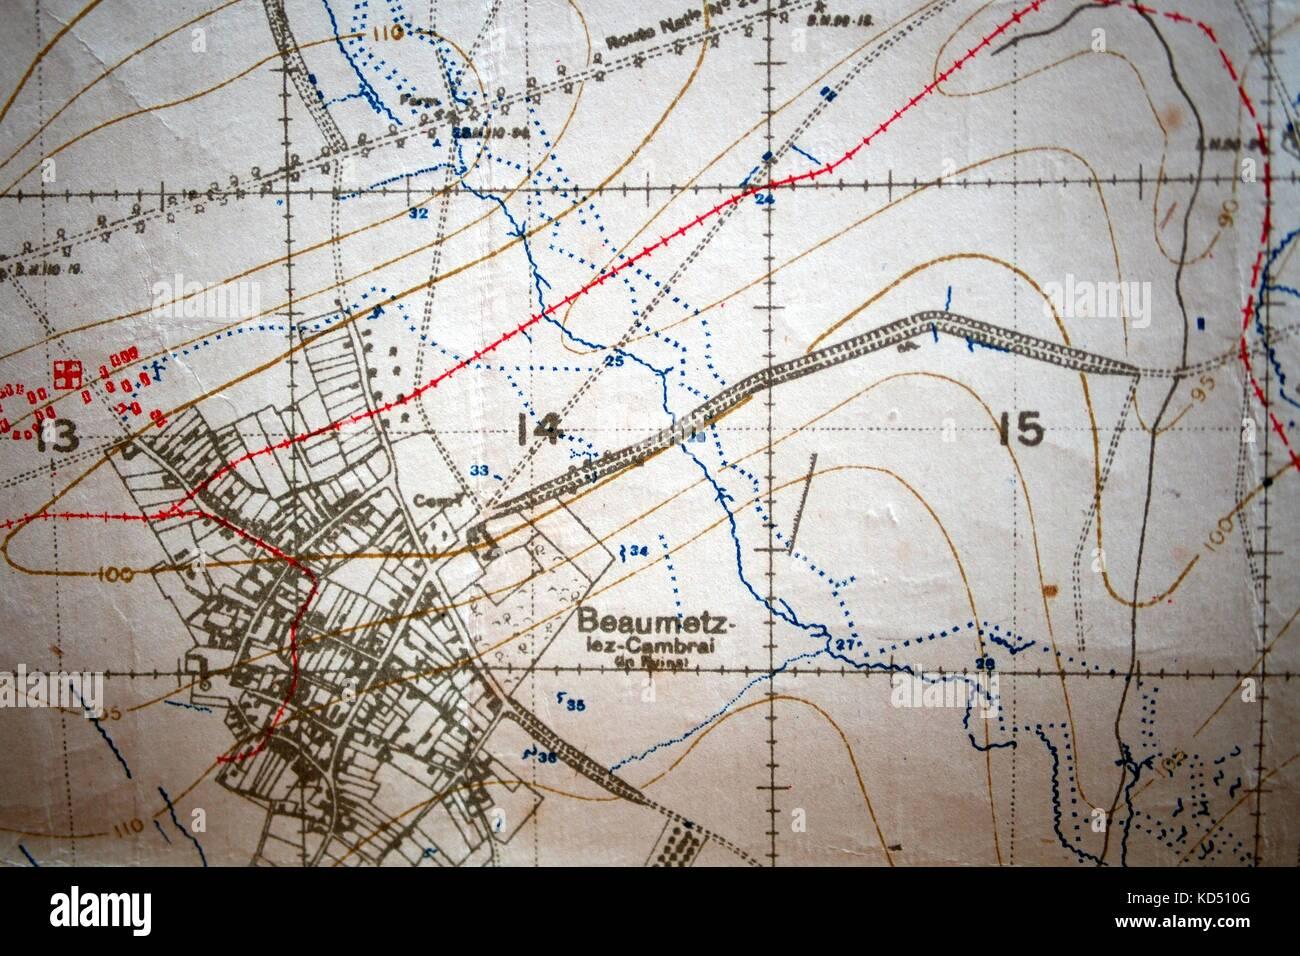 First world war map stock photos first world war map stock images detail of ordnance survey first world war map circa 1918 beaumetz lez cambrai gumiabroncs Images